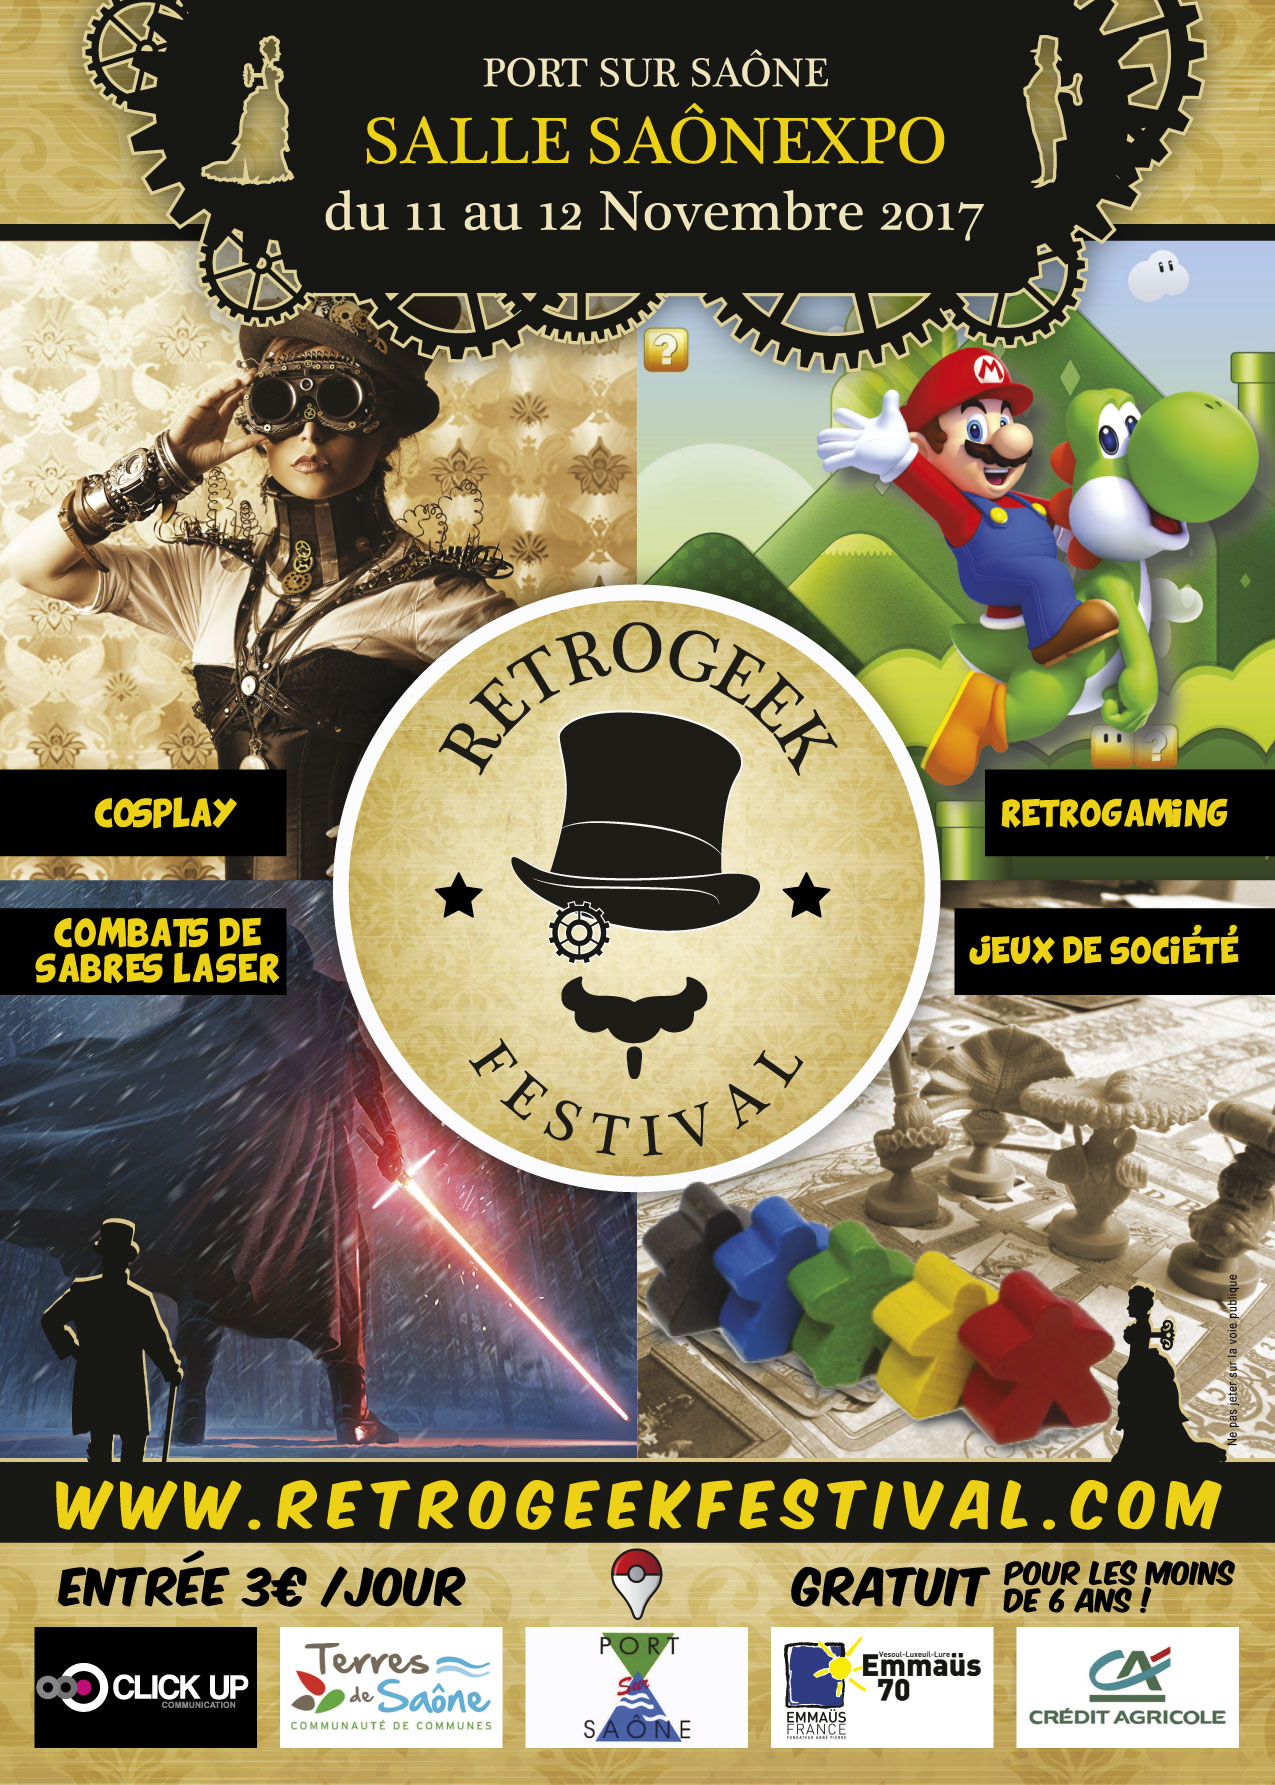 Festival RETROGEEK à Port-Sur-Saône les 11 & 12 novembre 2017 Affiche-retrogeek